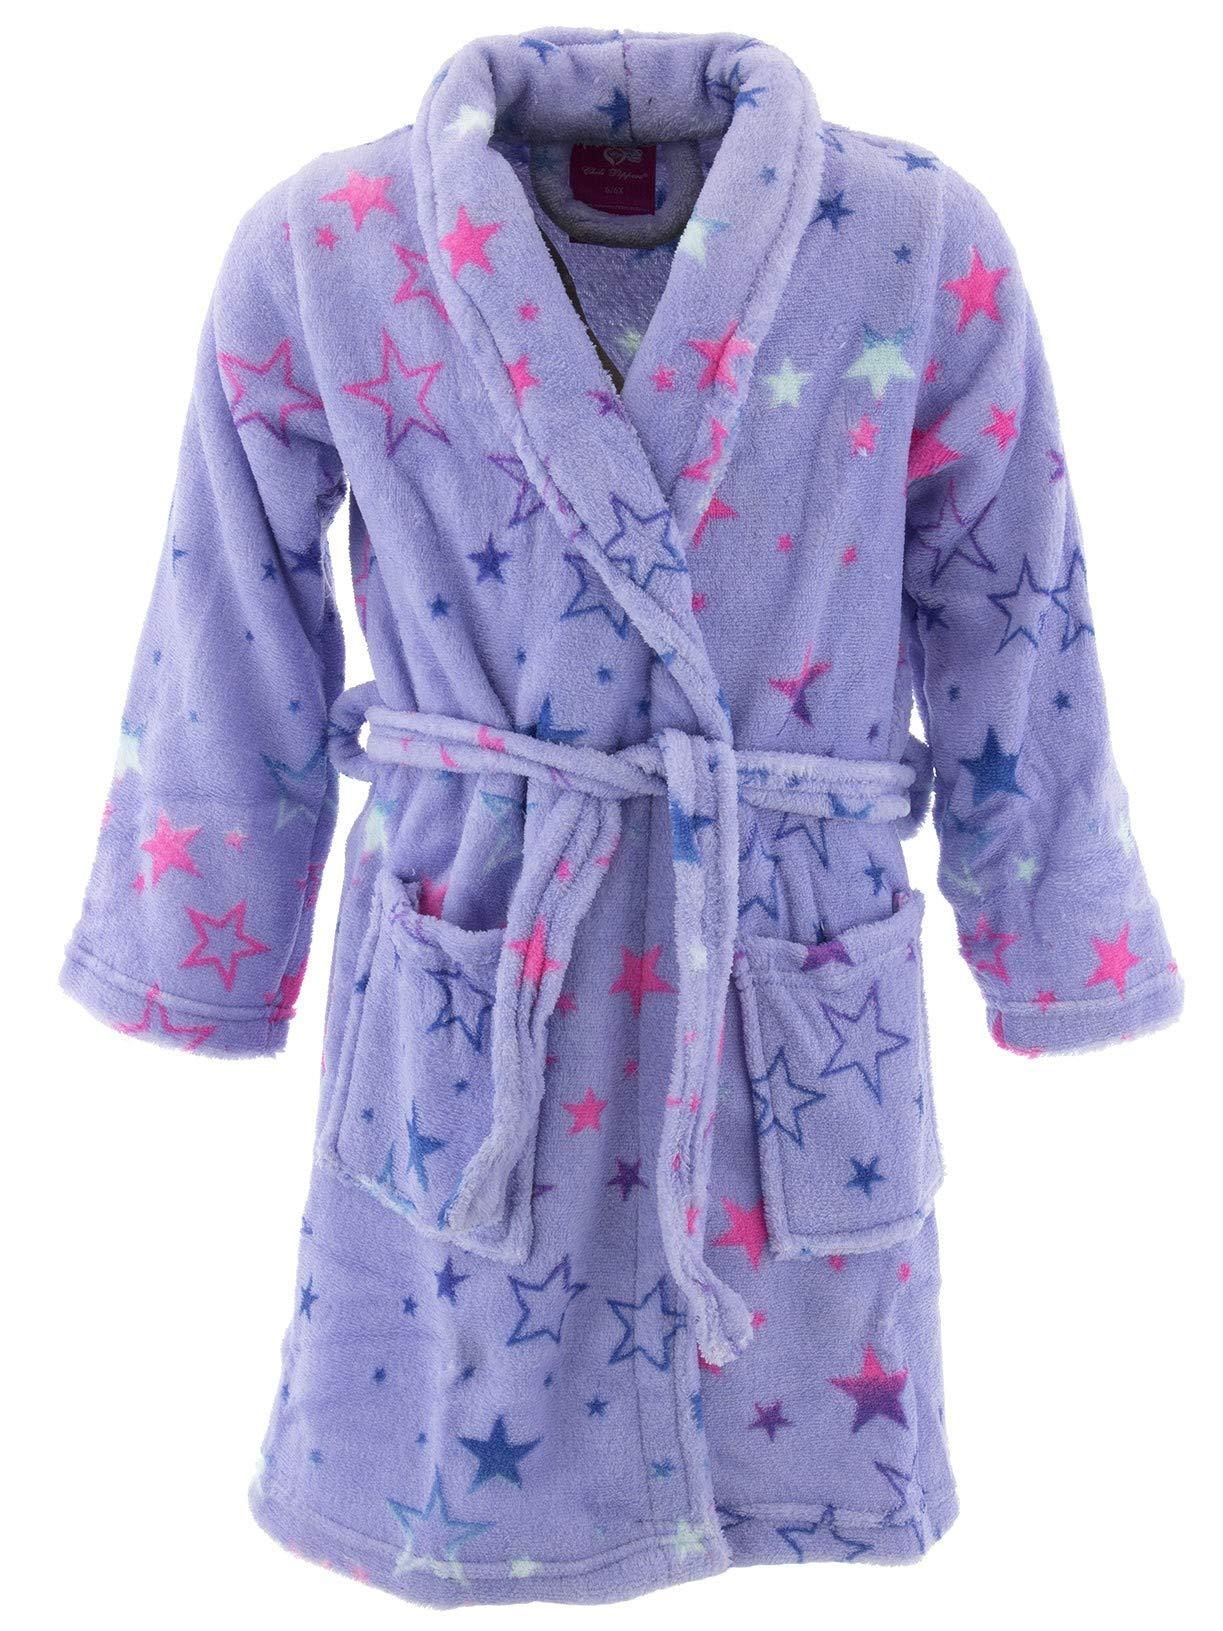 Chili Peppers Little Girls' Lavender Stars Fleece Bathrobe 4-5